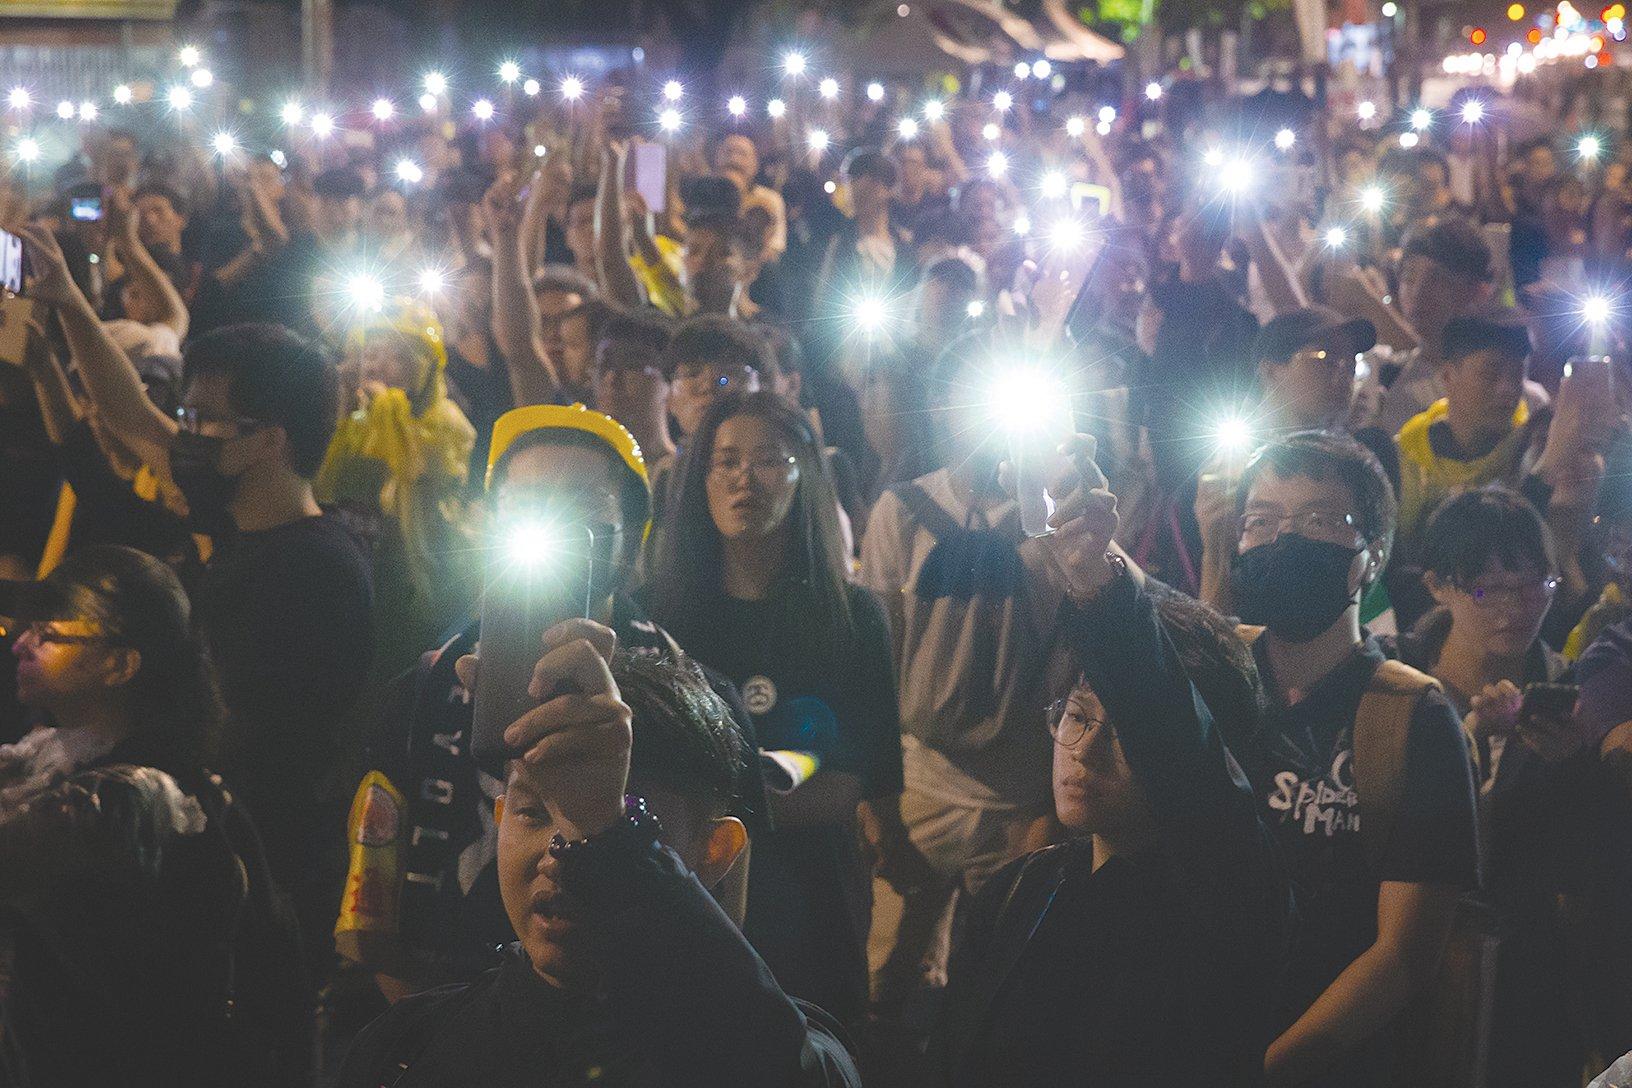 2019年9月29日,台灣多個民間團體在台北發起「929台港大遊行—撐港反極權」活動,晚間在立法院外舉行聲援晚會,民眾以手機燈海方式聲援香港。(陳柏州/大紀元)